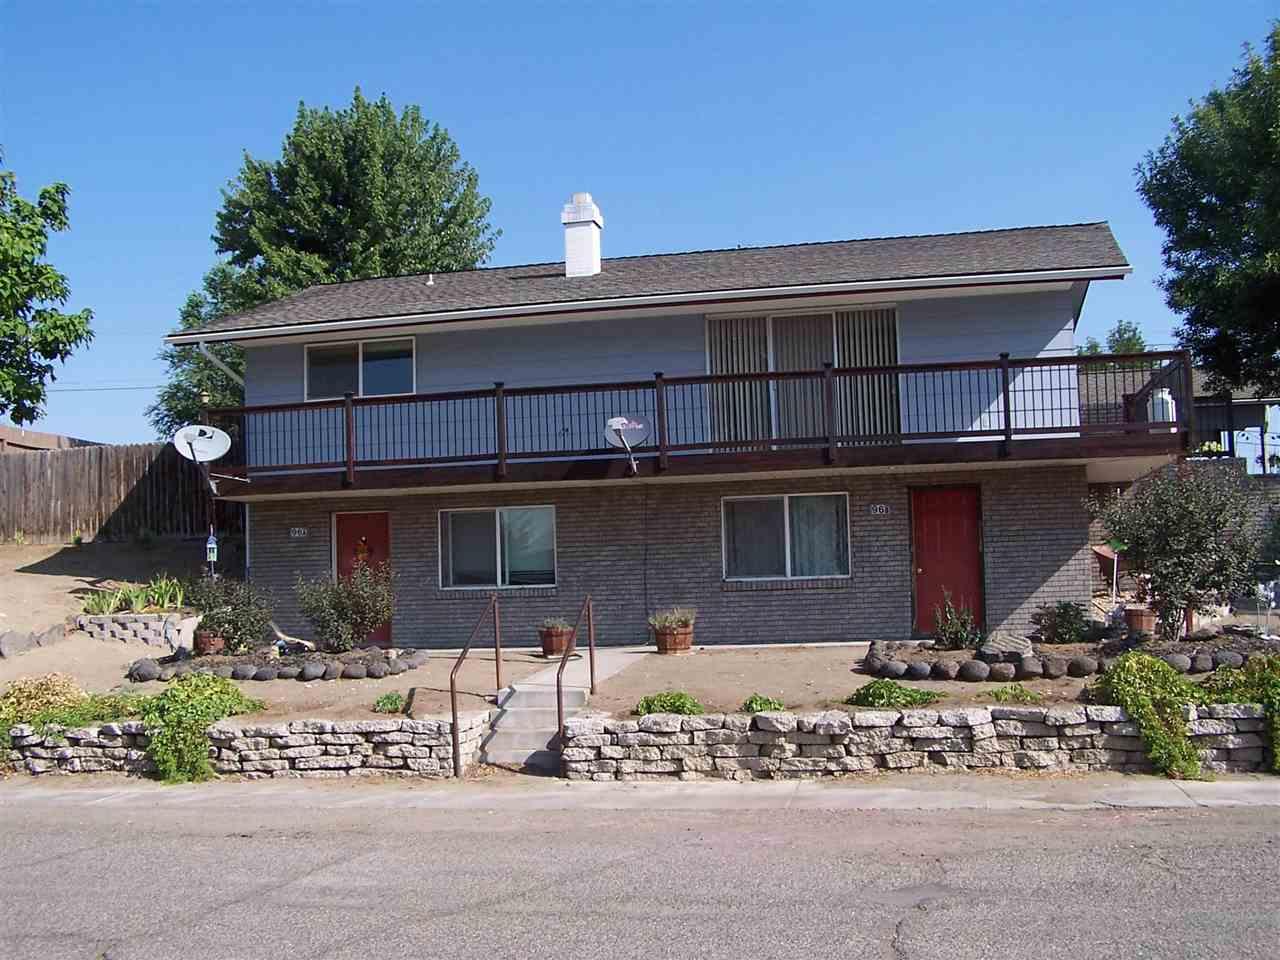 独户住宅 为 销售 在 405 N Lincoln 405 N Lincoln Glenns Ferry, 爱达荷州 83623